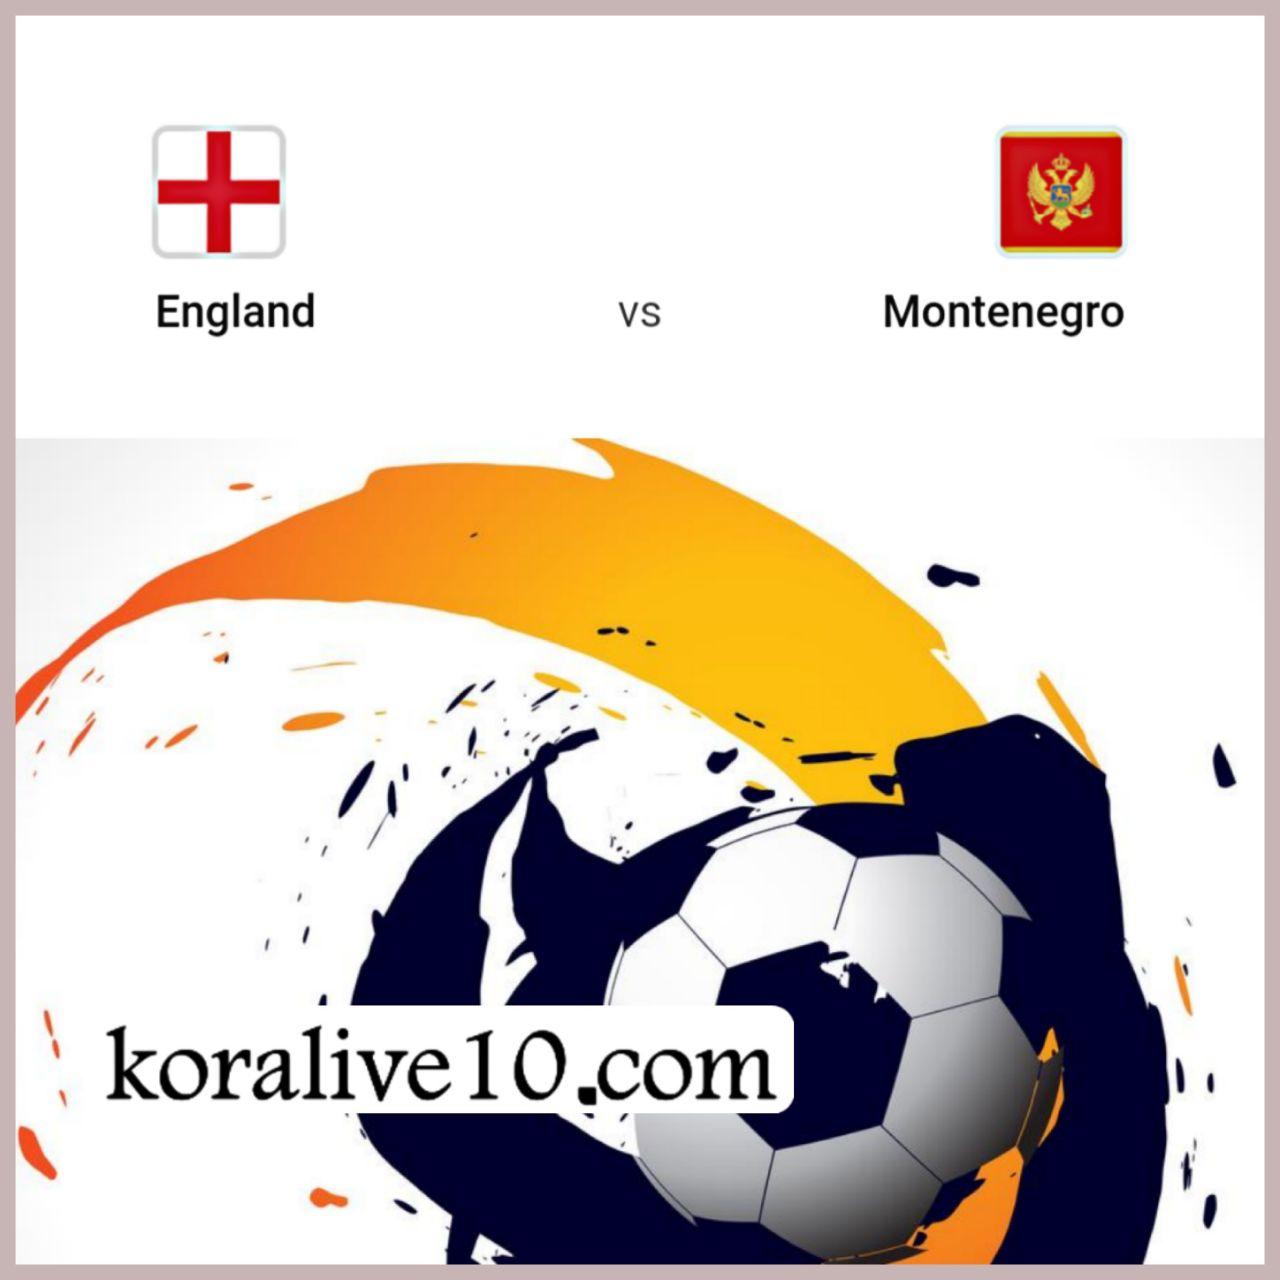 موعد مباراة إنجلترا والجبل الأسود في التصفيات المؤهلة ليورو 2020 | كورة لايف